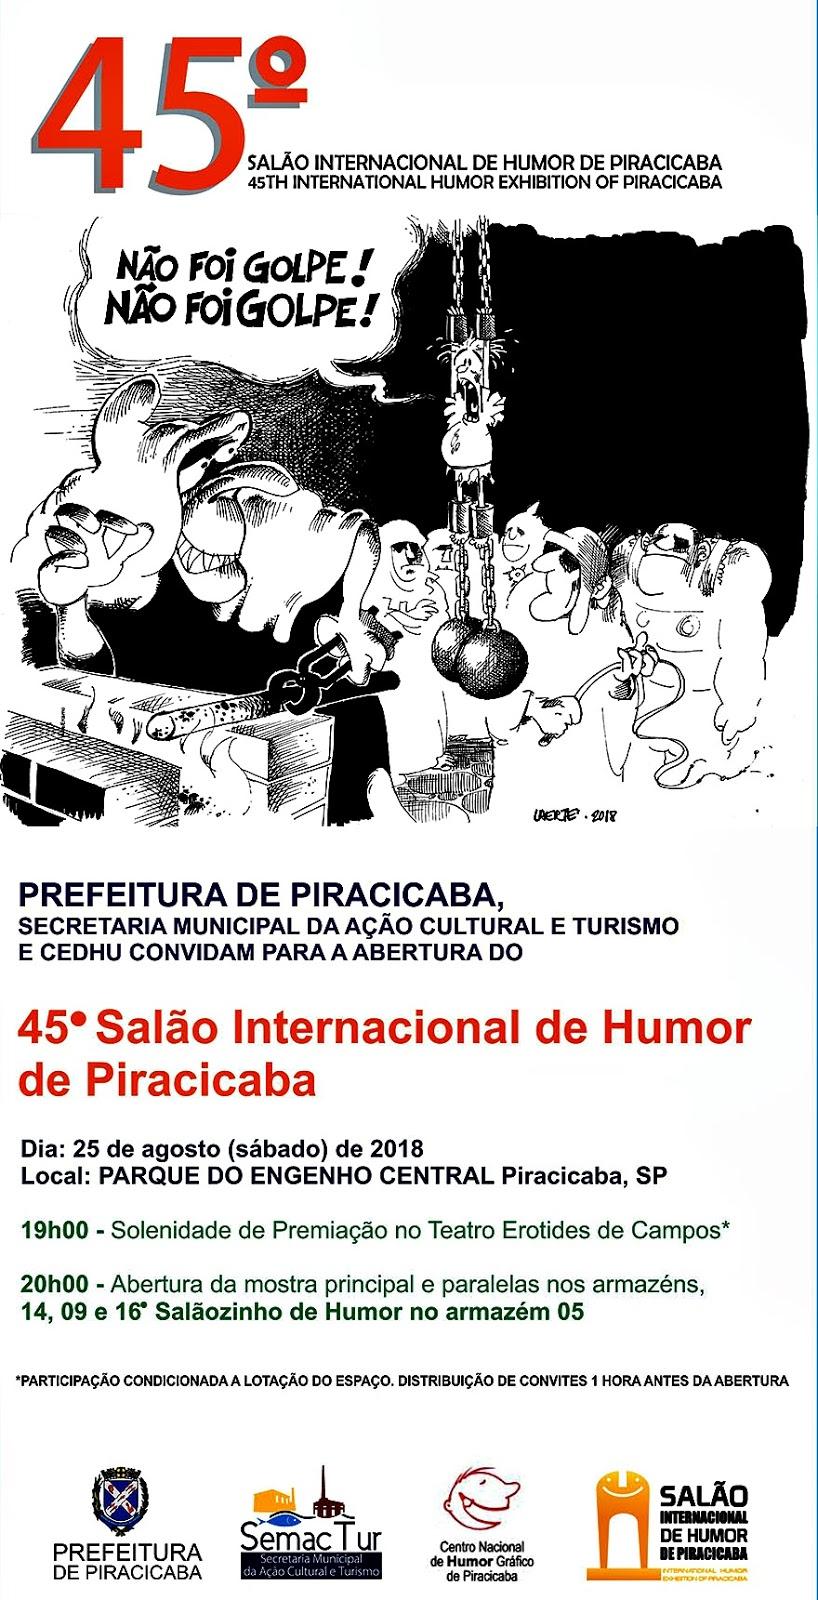 14d4d15e663a6 GUIA TURÍSTICO PIRACICABA: SALÃO INTERNACIONAL DE HUMOR DE PIRACICABA